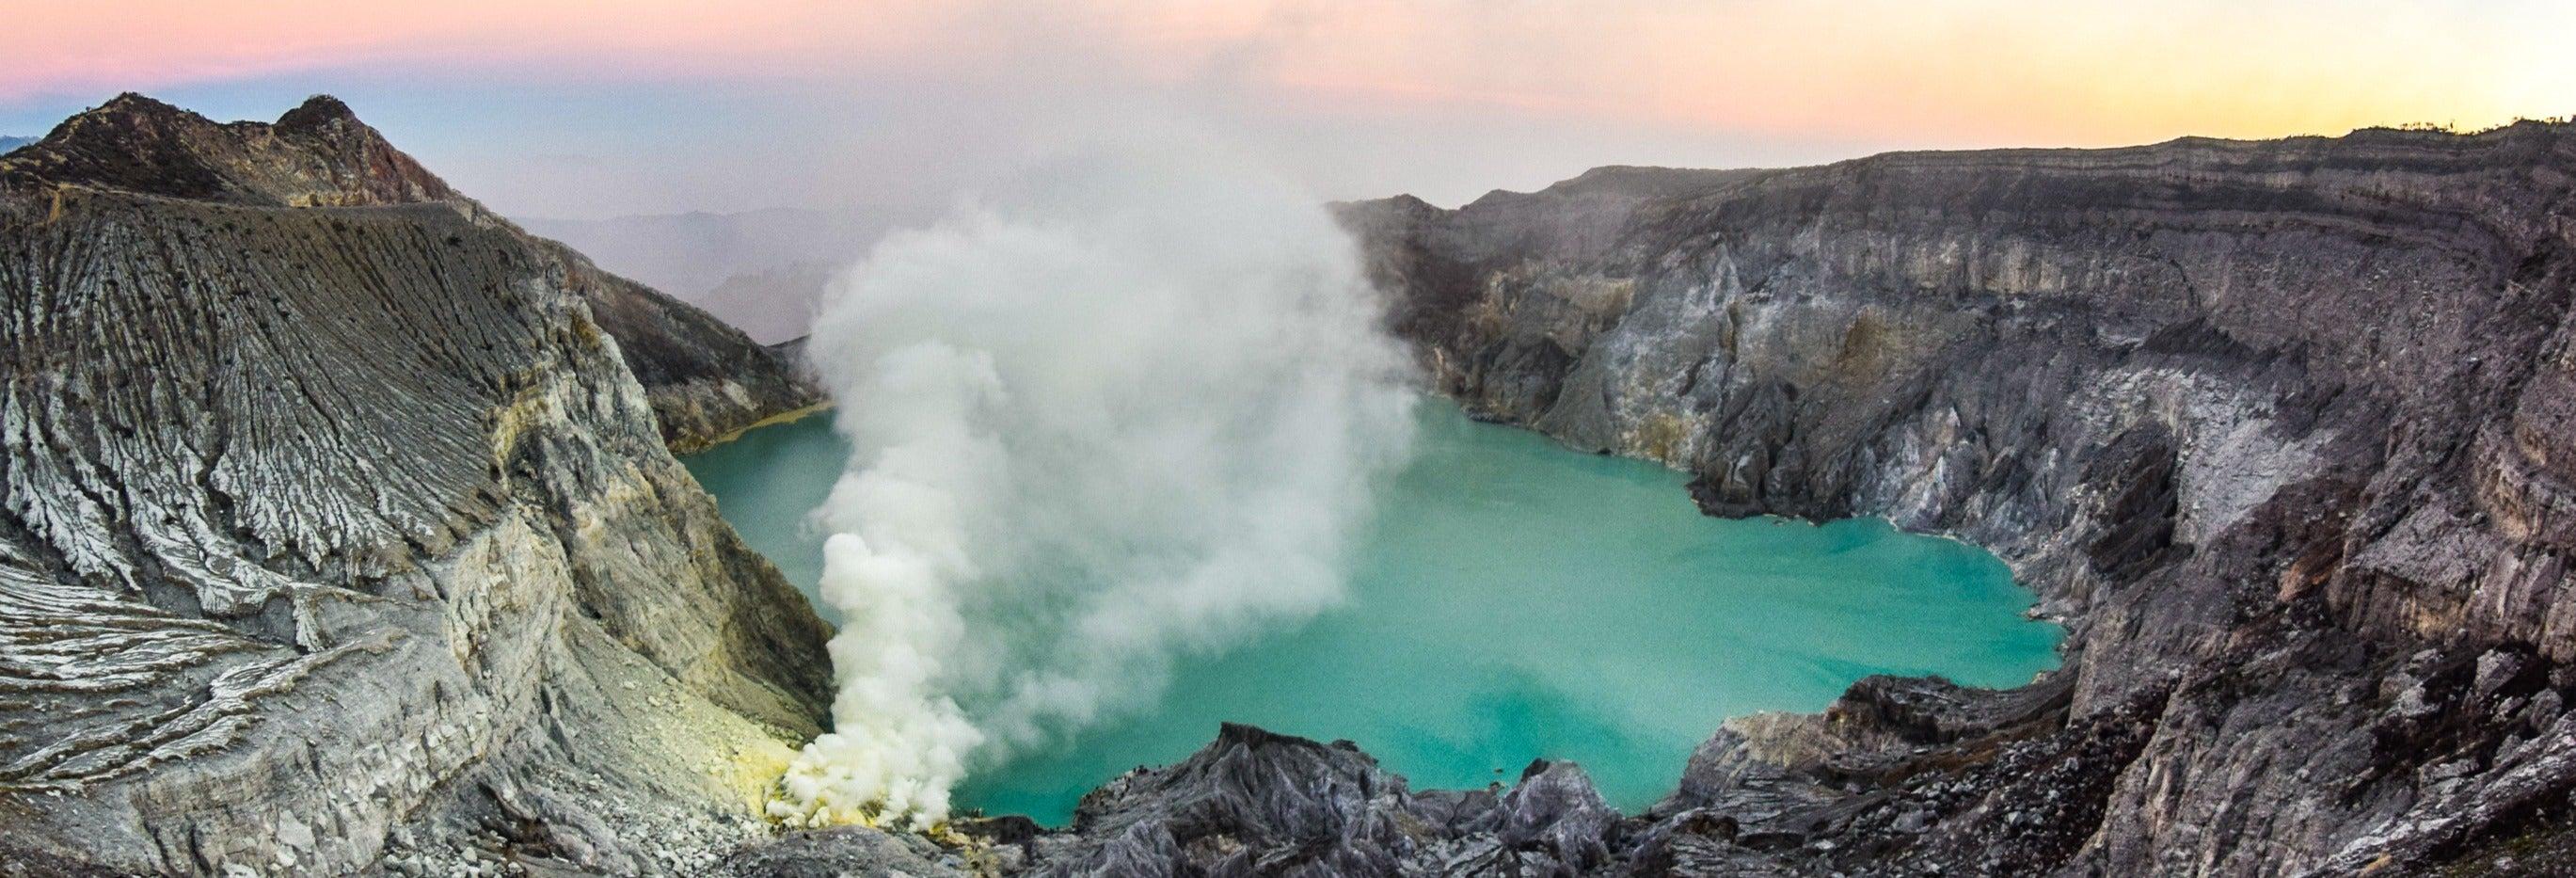 3 días por el Monte Bromo e Ijen desde Surabaya hasta Bali